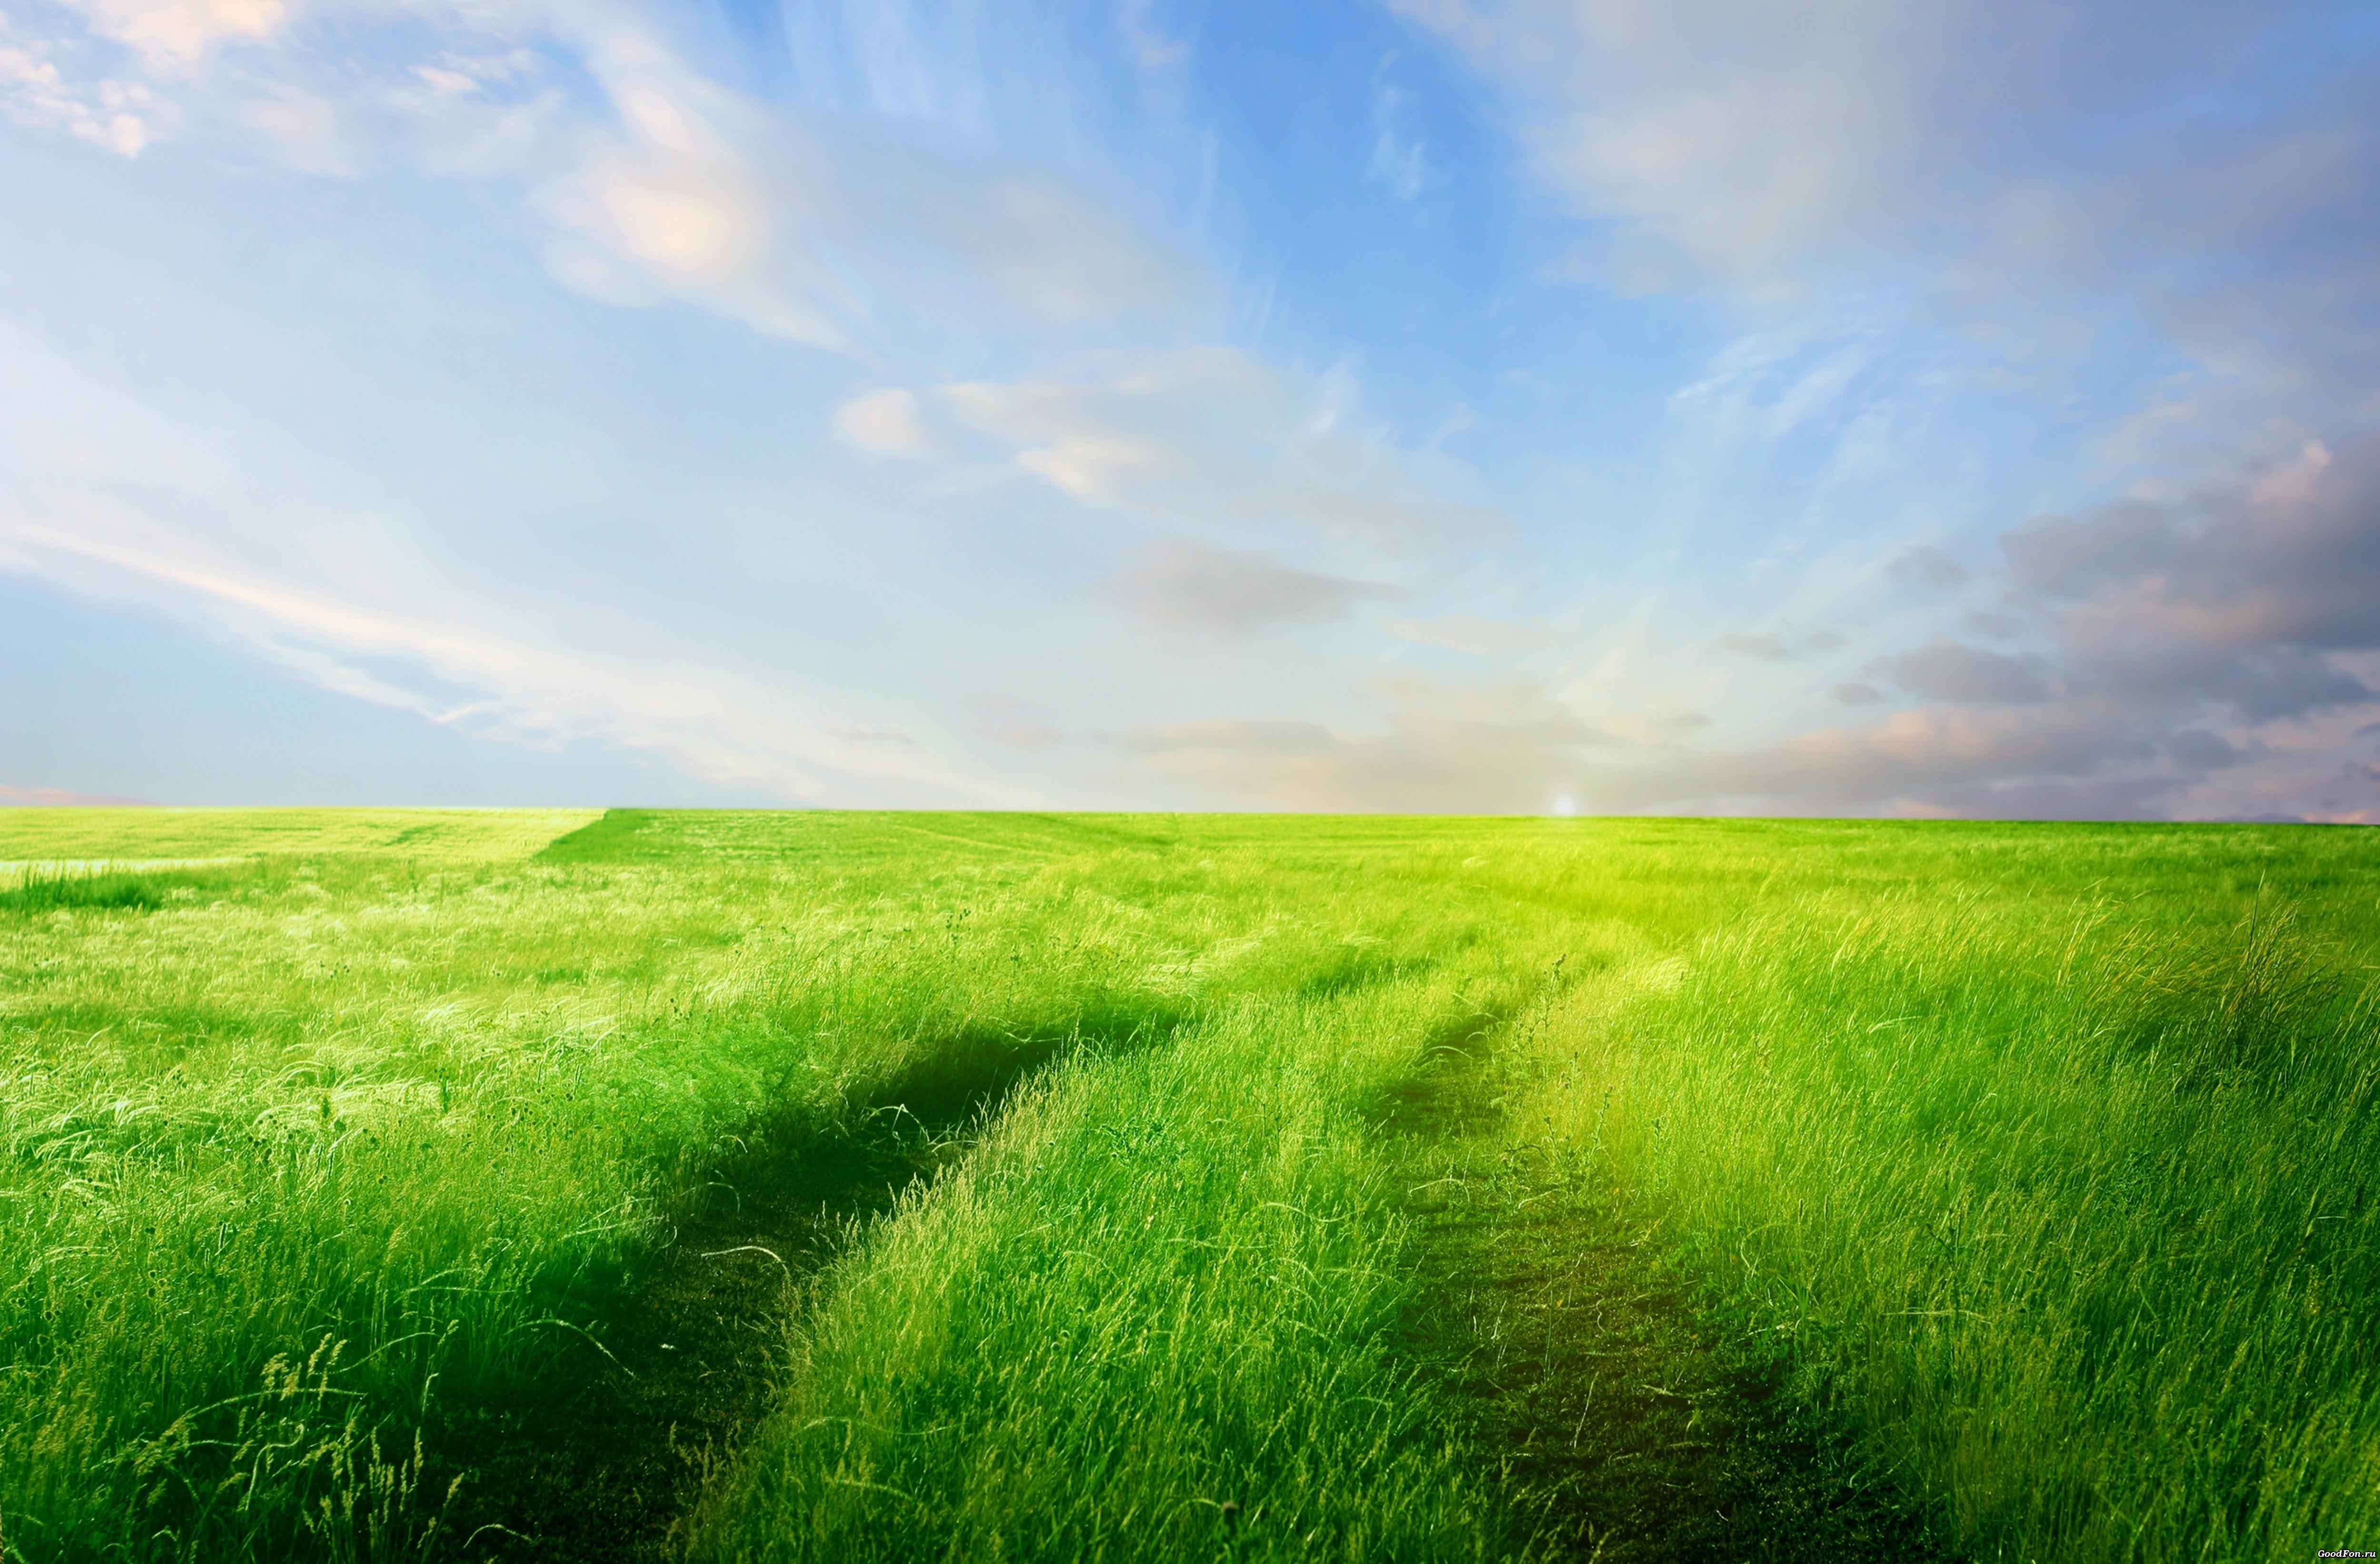 природа облака небо горизонт поле  № 204233 бесплатно